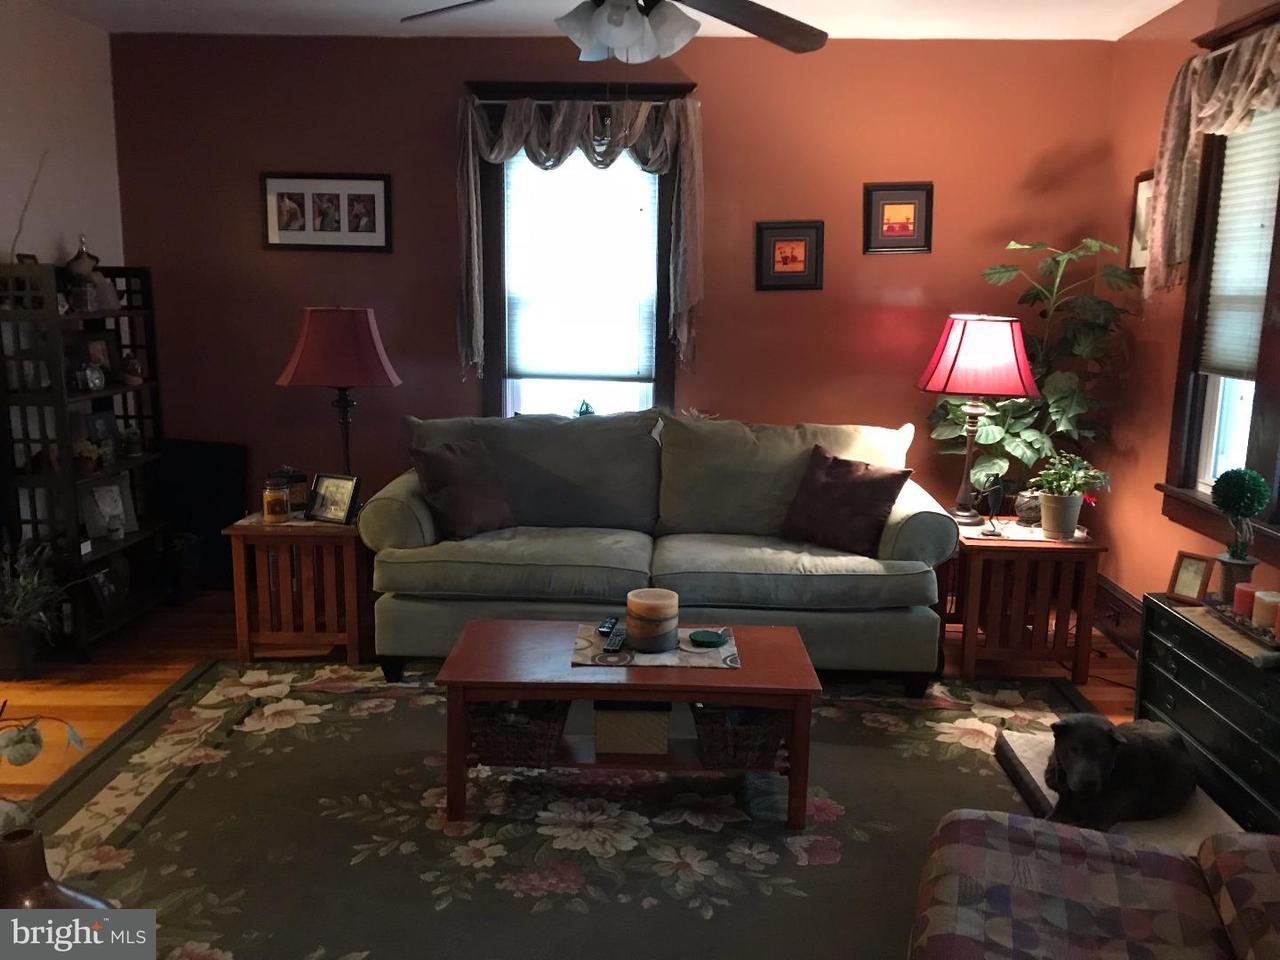 独户住宅 为 出租 在 5753 ROGERS Avenue Pennsauken, 新泽西州 08109 美国